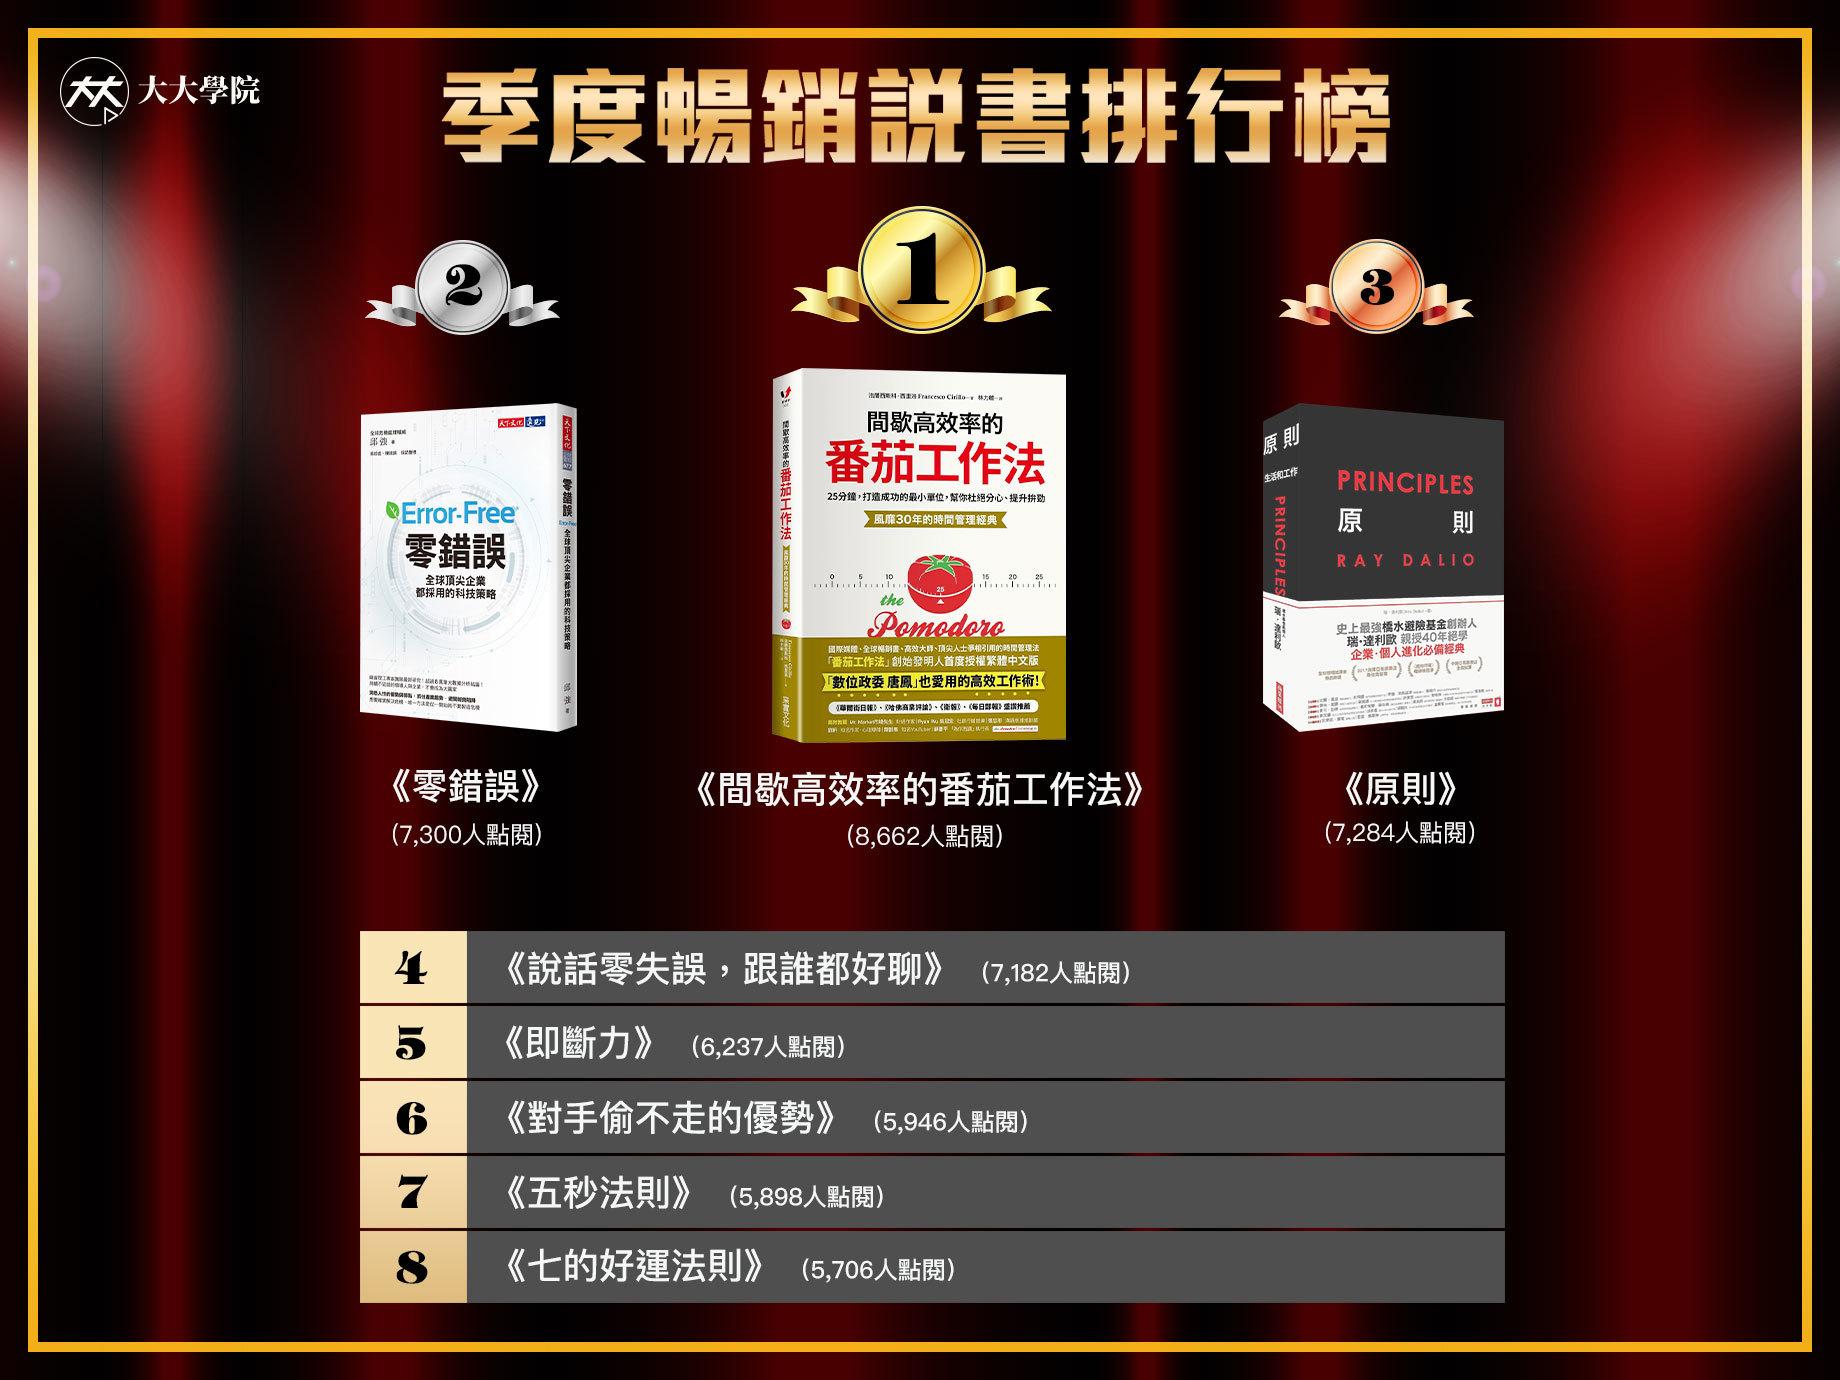 【免費試看】2020年初訂下的閱讀目標,你完成幾本?現在就與「IQ180的台灣天才IT政委」共讀正夯的番茄工作法!